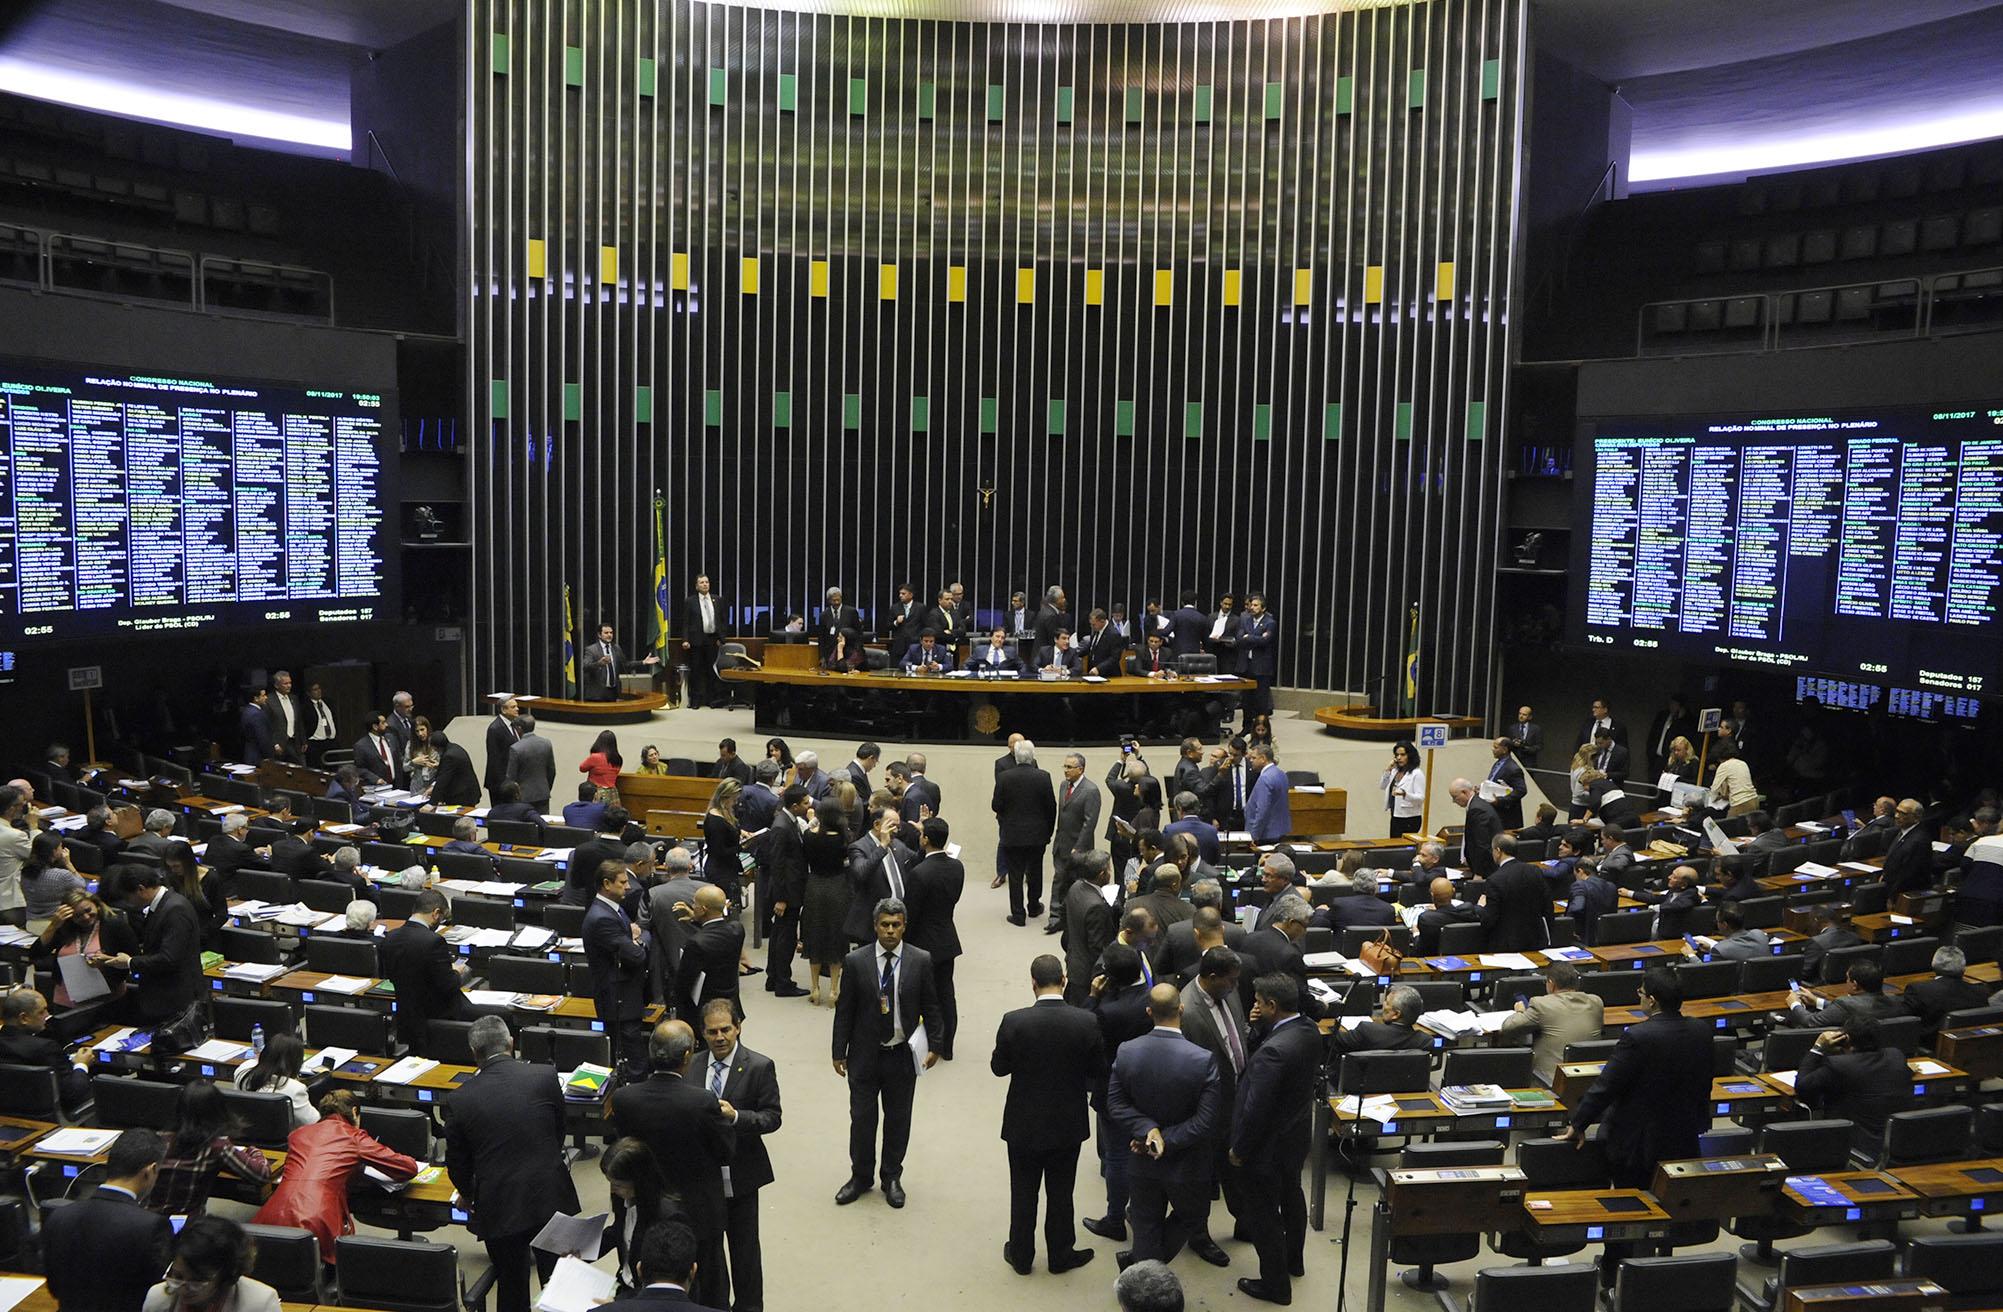 Sessão do Plenário para votação de vetos